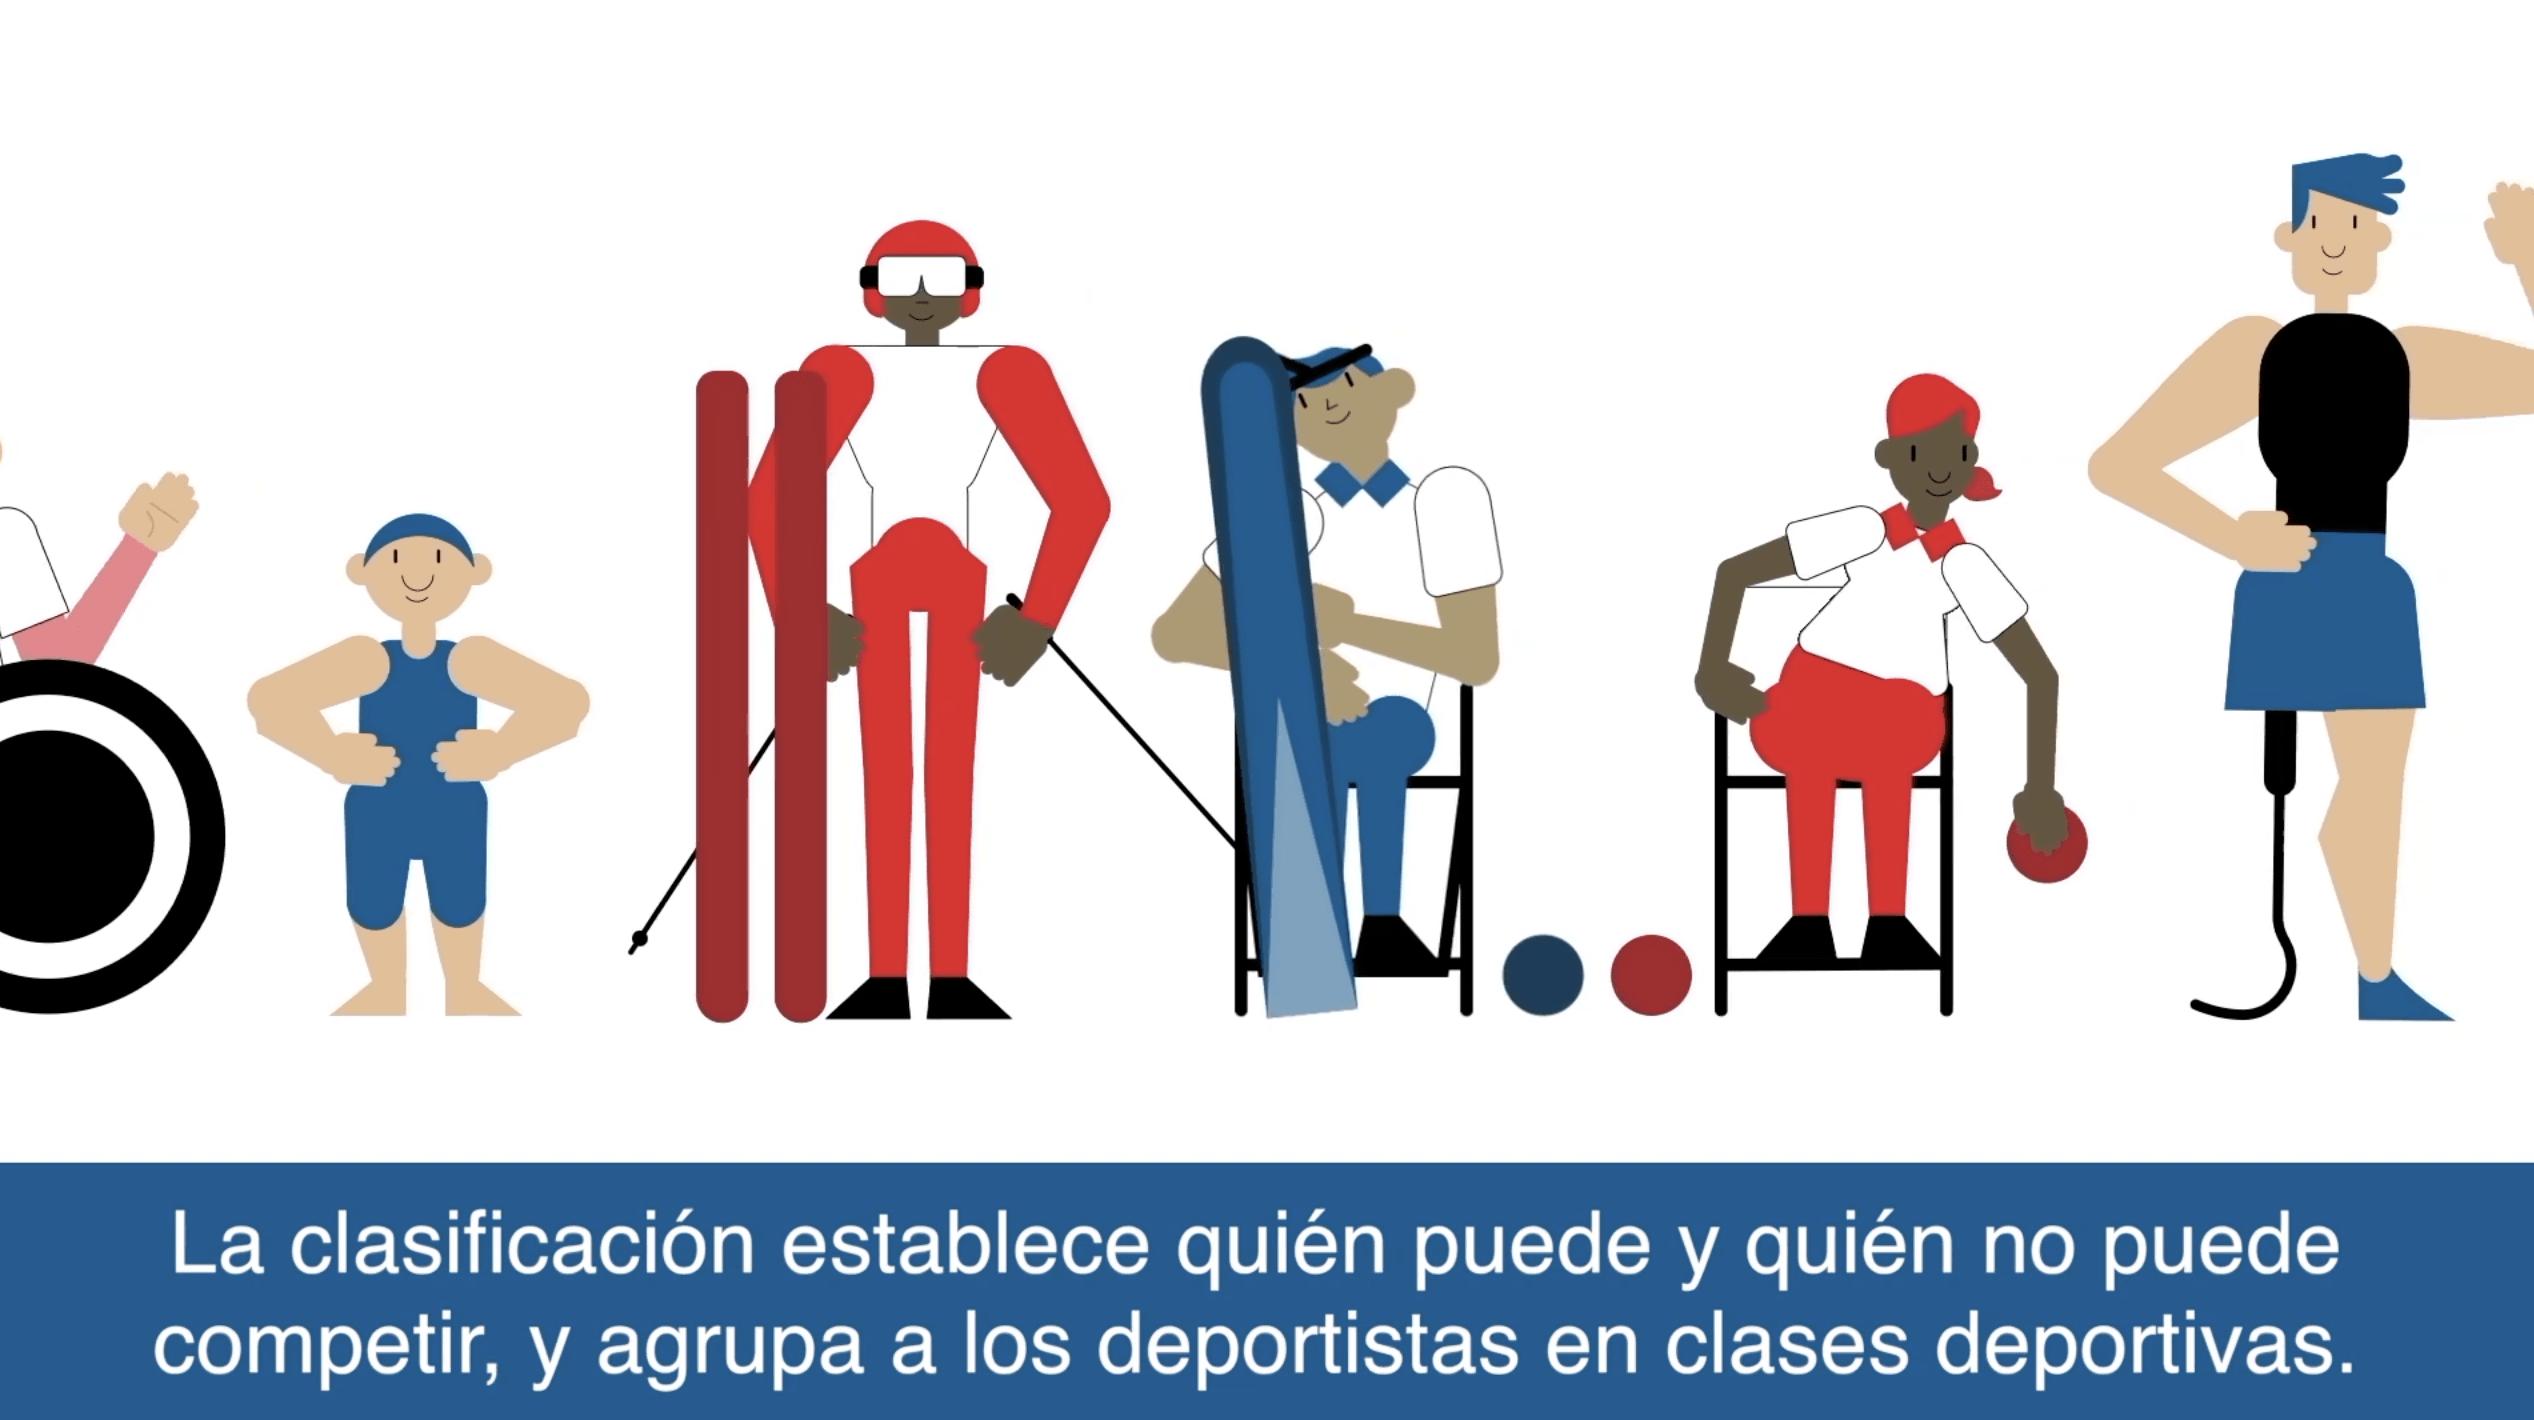 Ilustraciones de deportistas